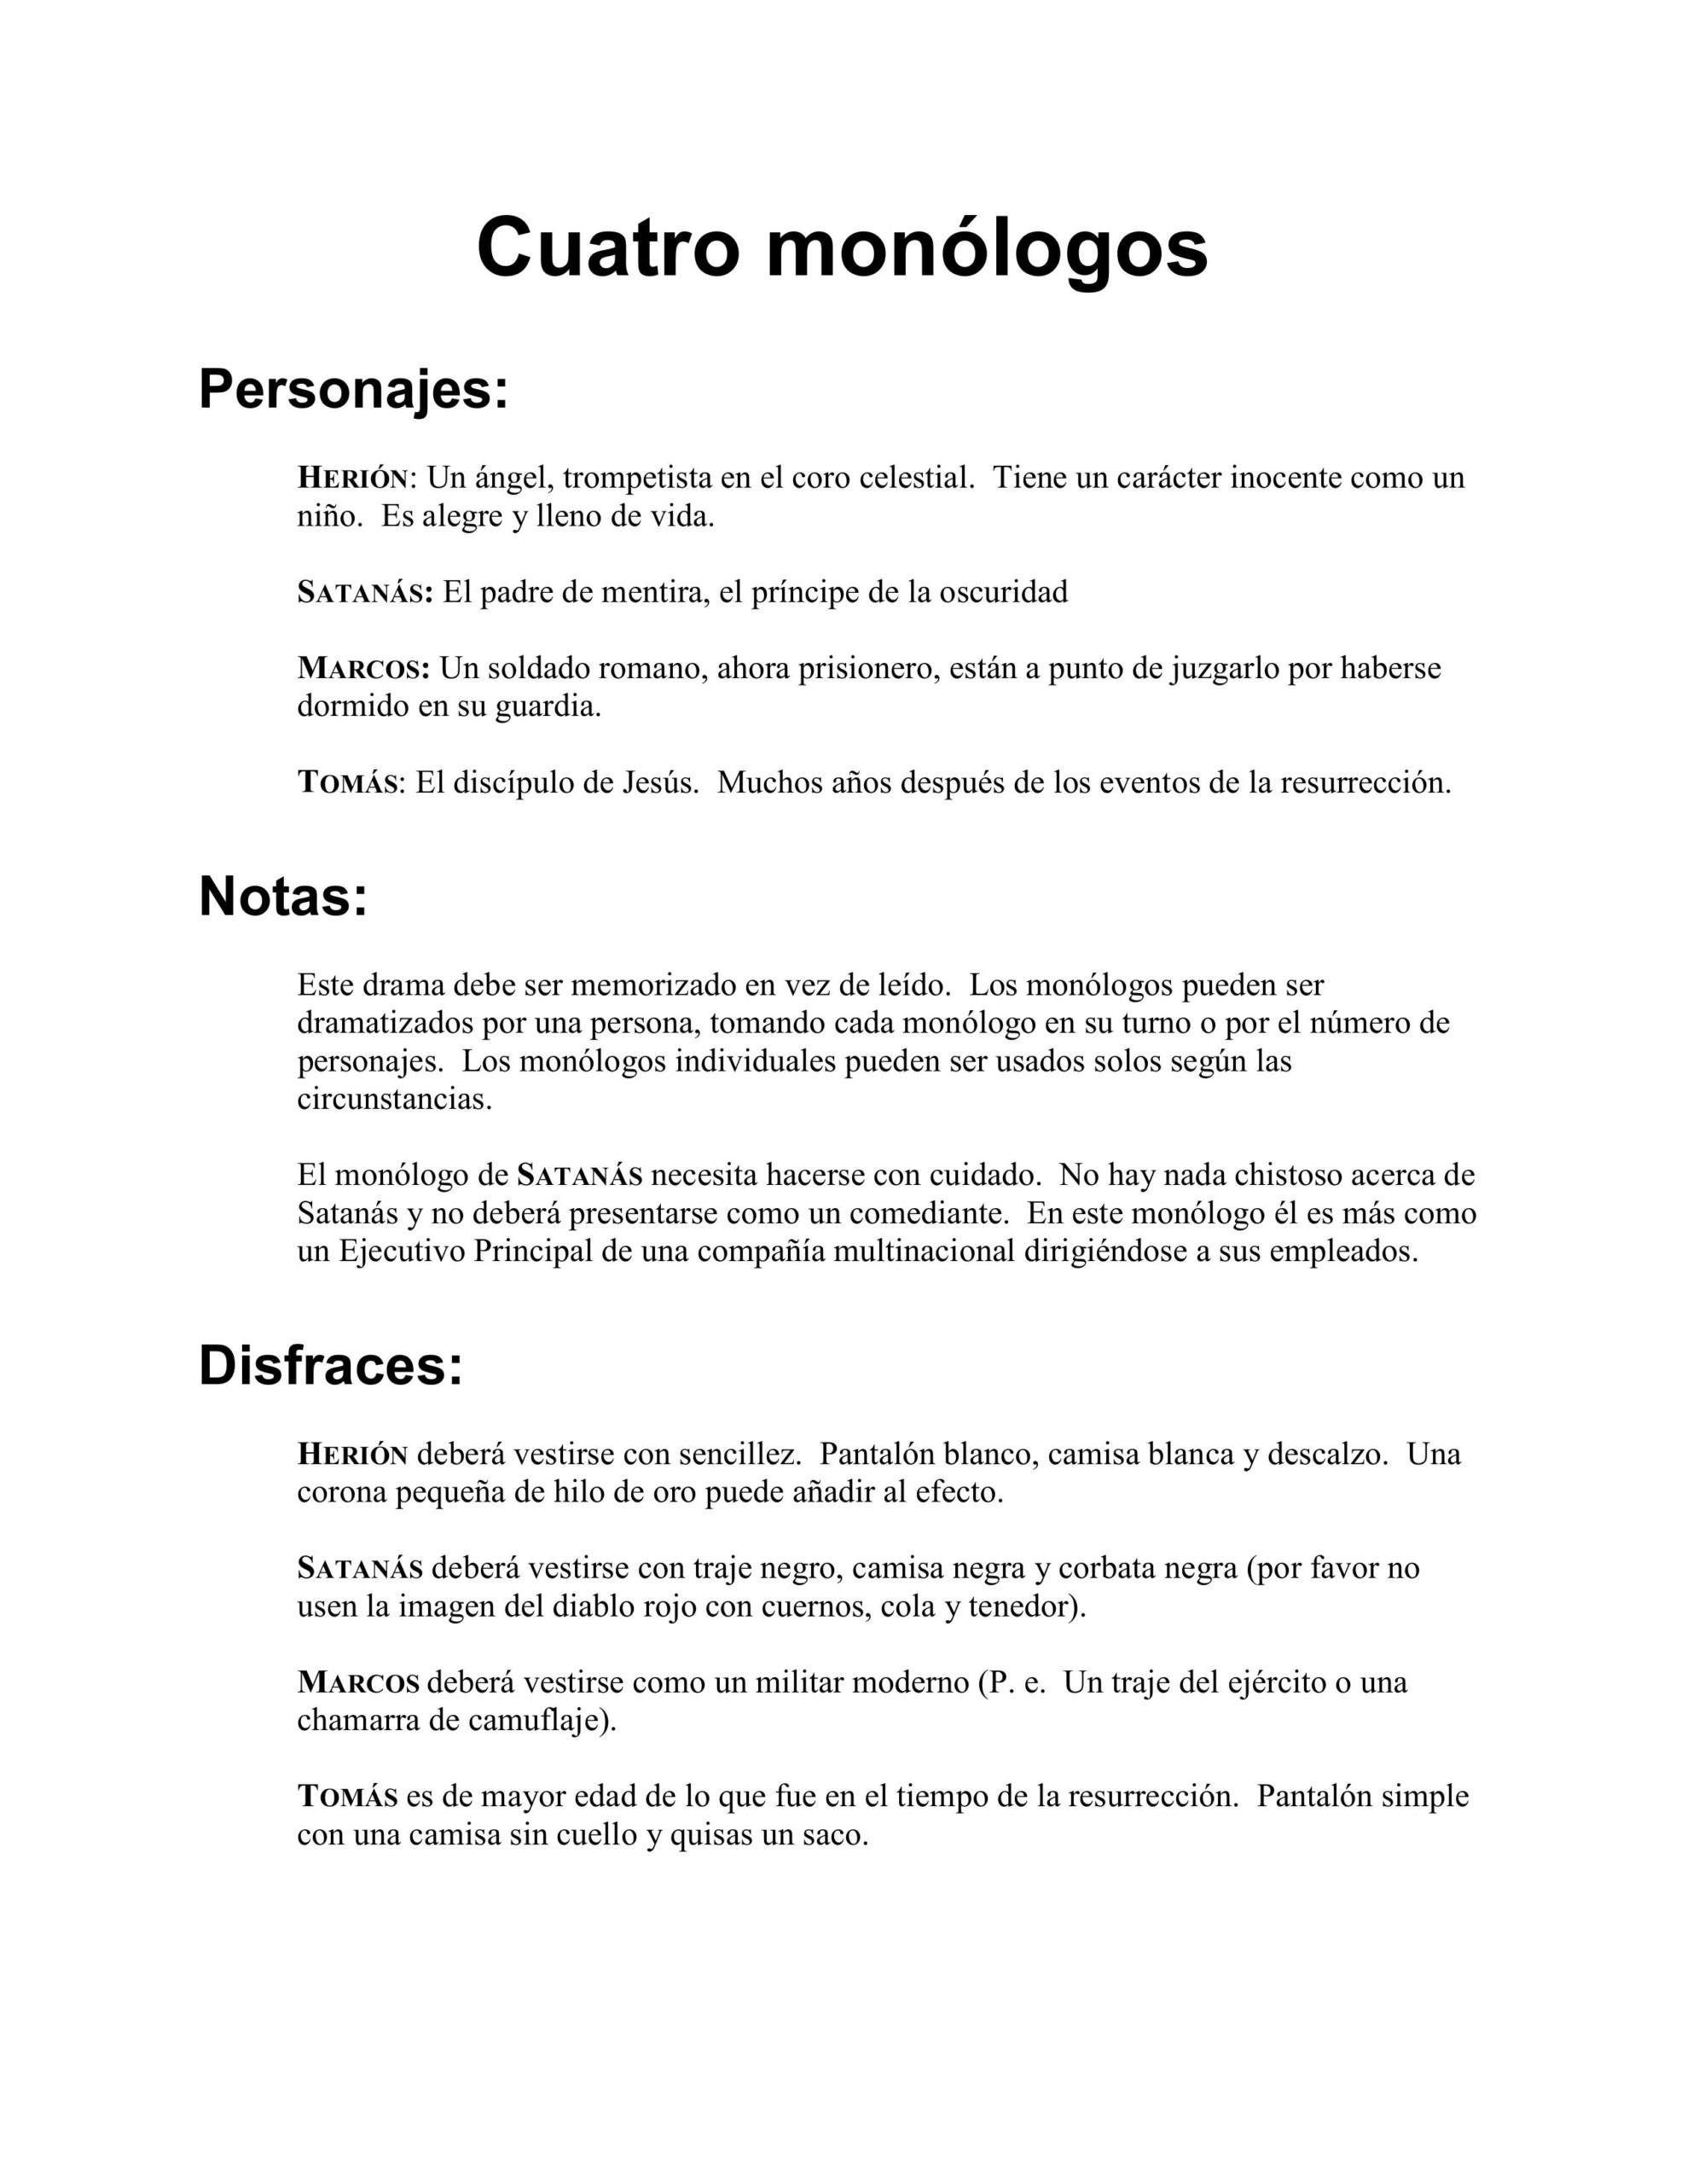 Cuatro monologos imagen 1